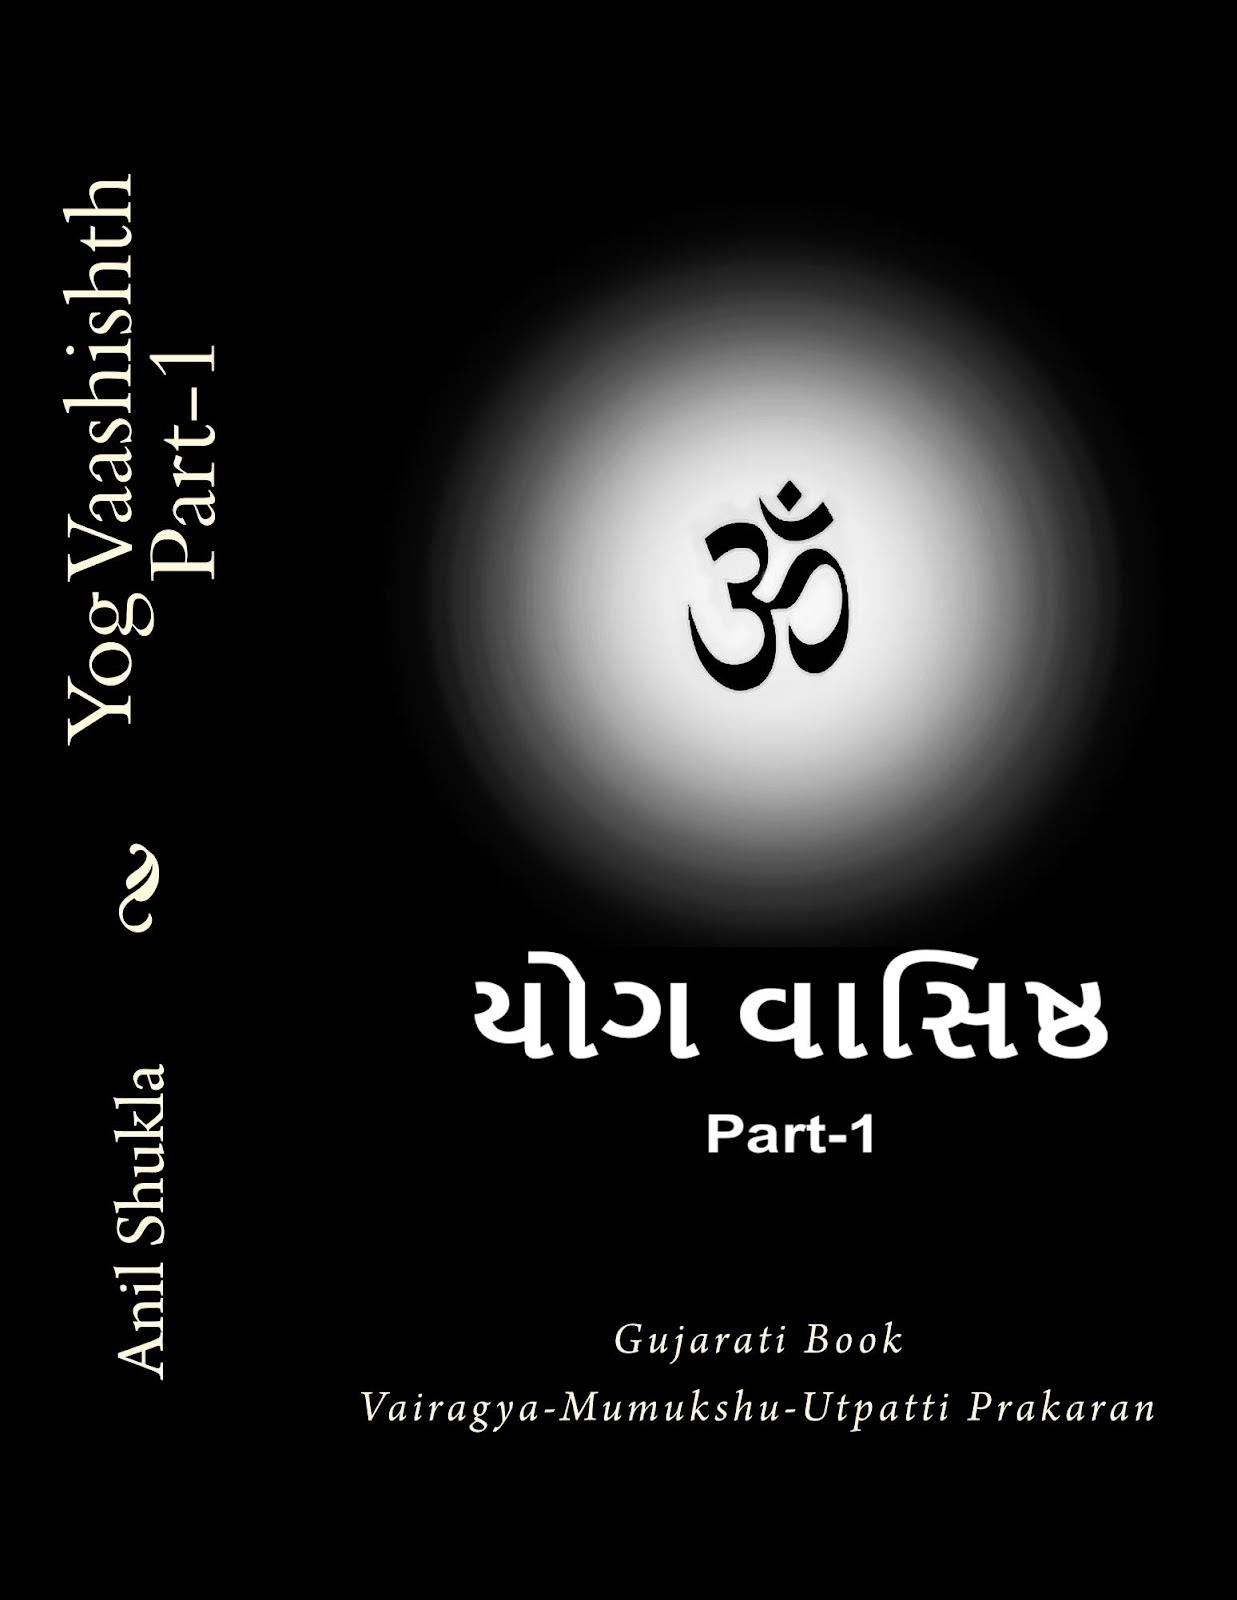 GujaratiYog_Vaasish-Part-1.jpg